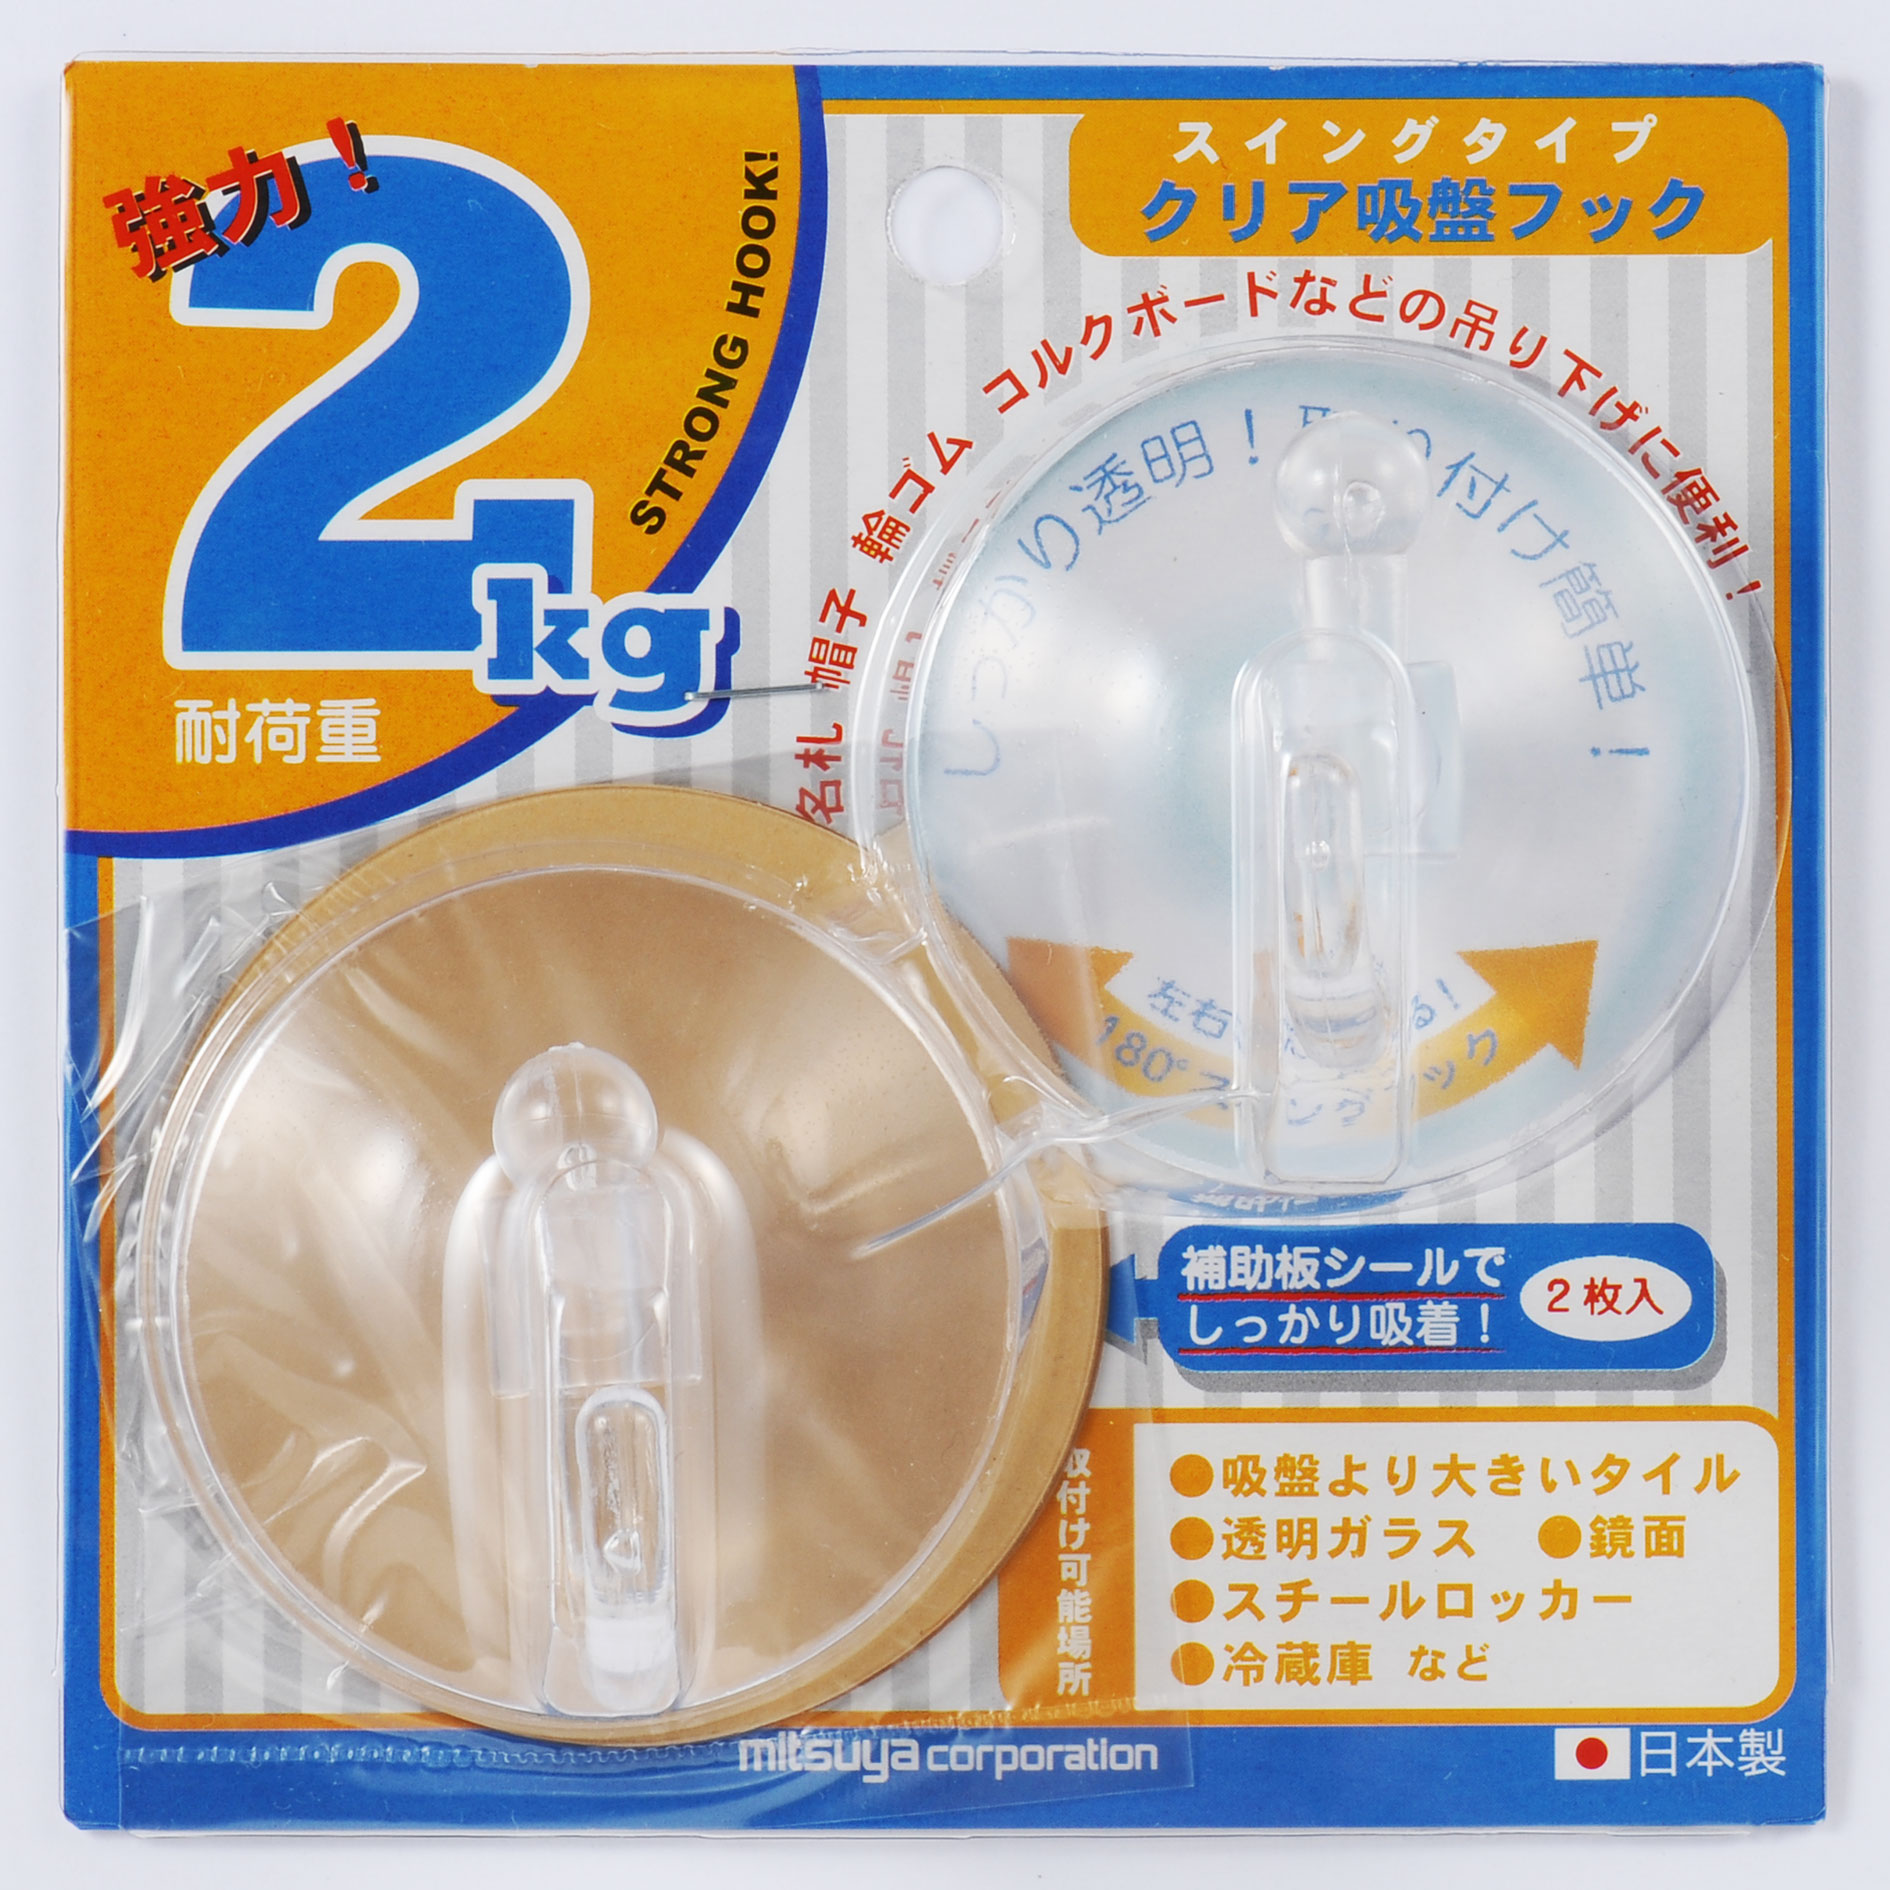 スイング吸盤フックCKH−2